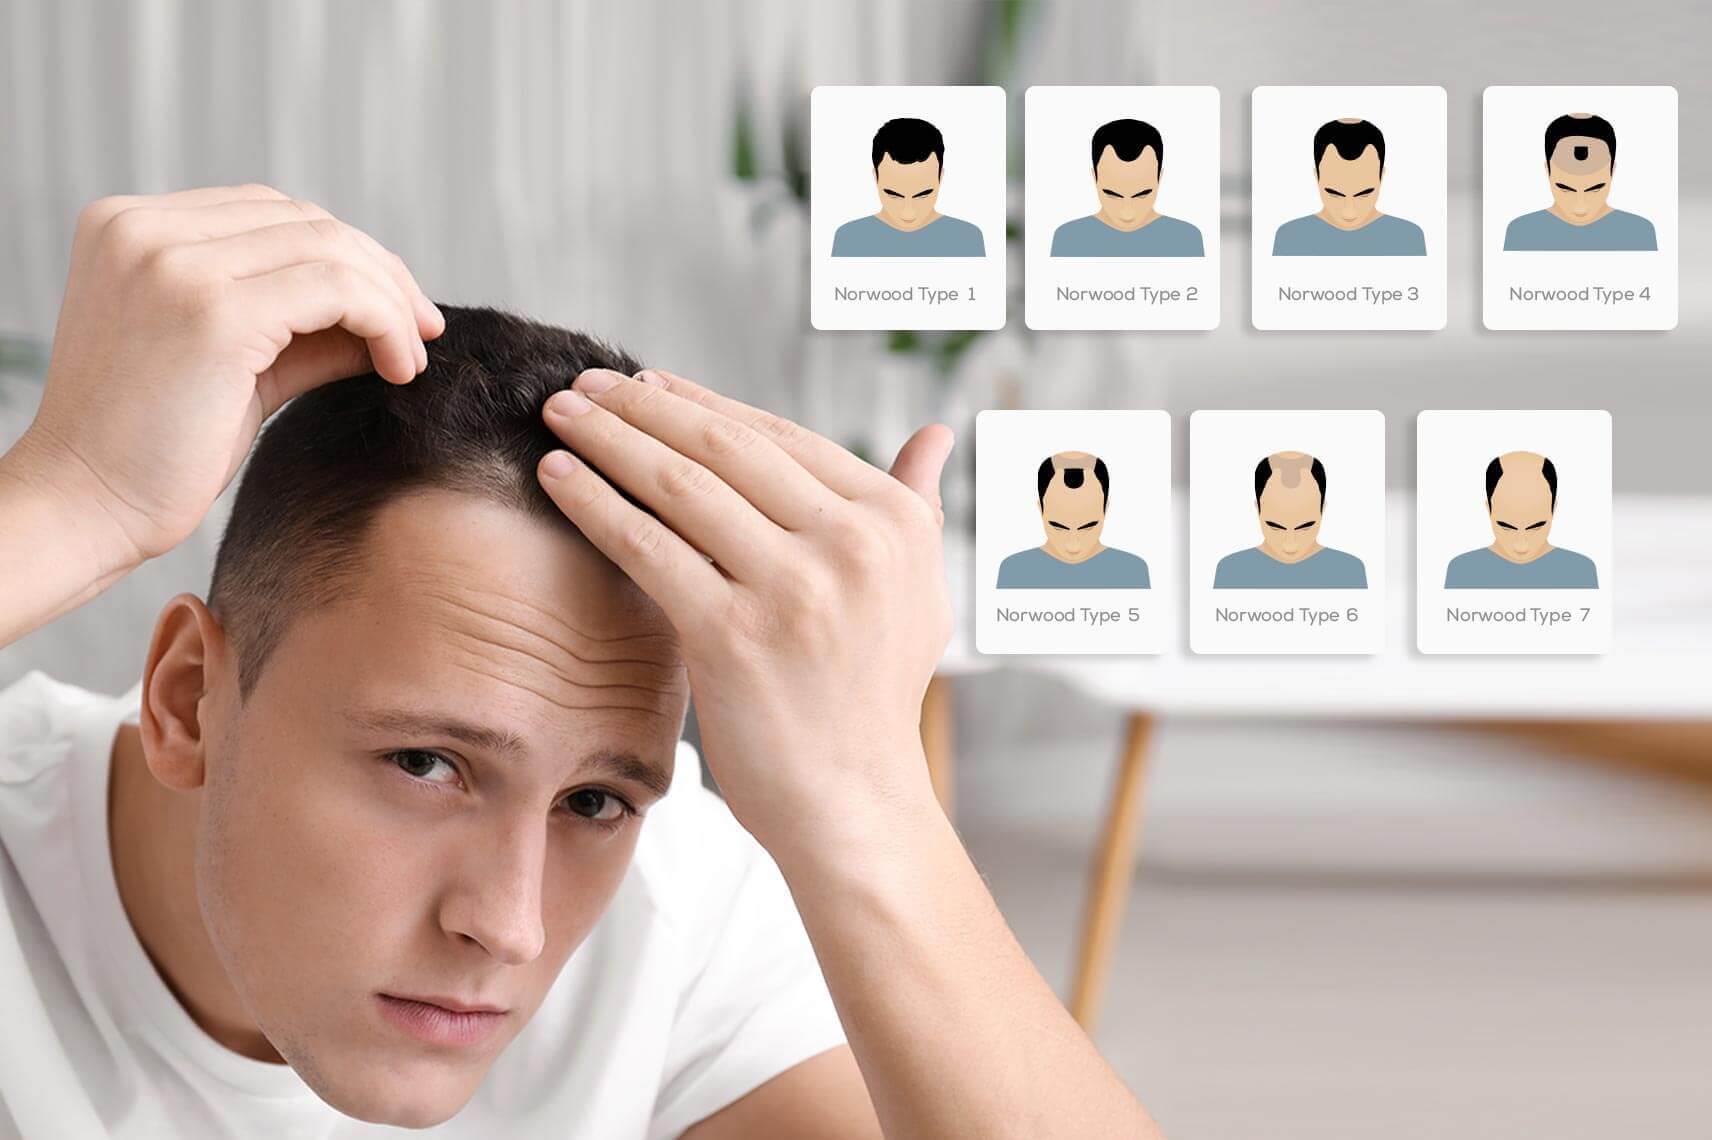 En İyi Saç Ekimi Yapan Doktorlar zekeriya kul